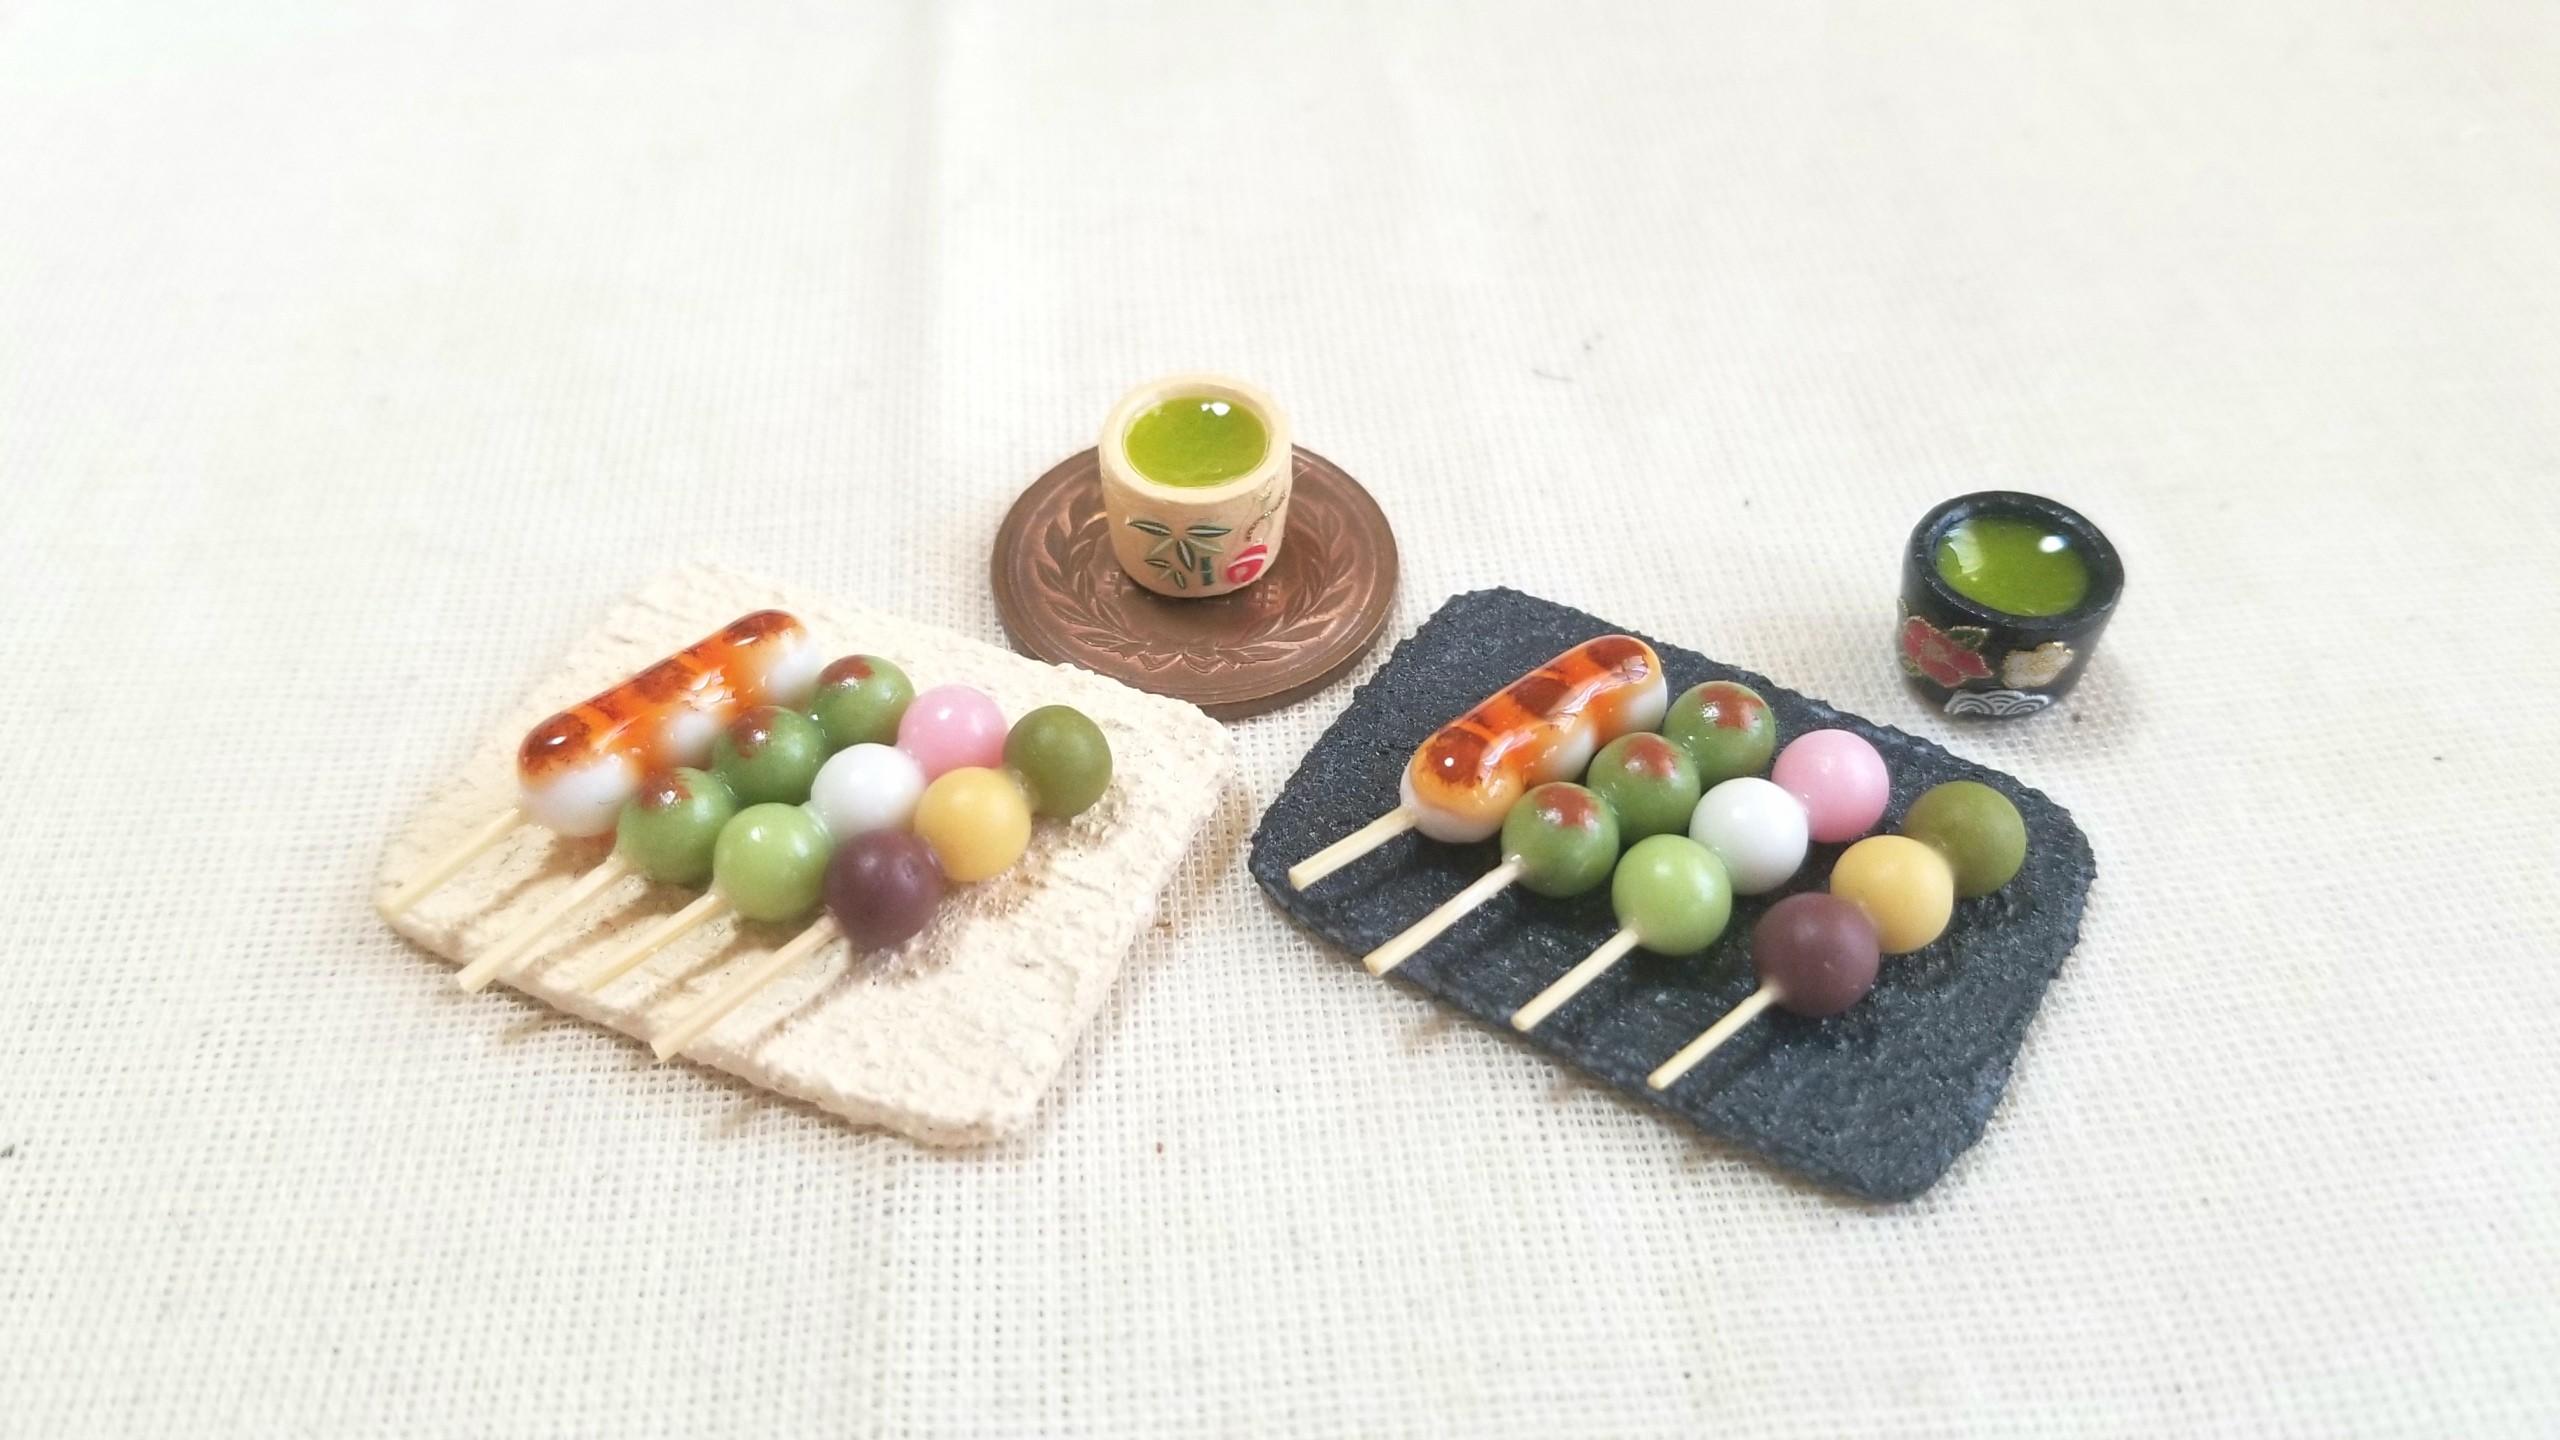 ミニチュアフード,お団子,和菓子,オビツ11,ねんどろいど,シルバニア